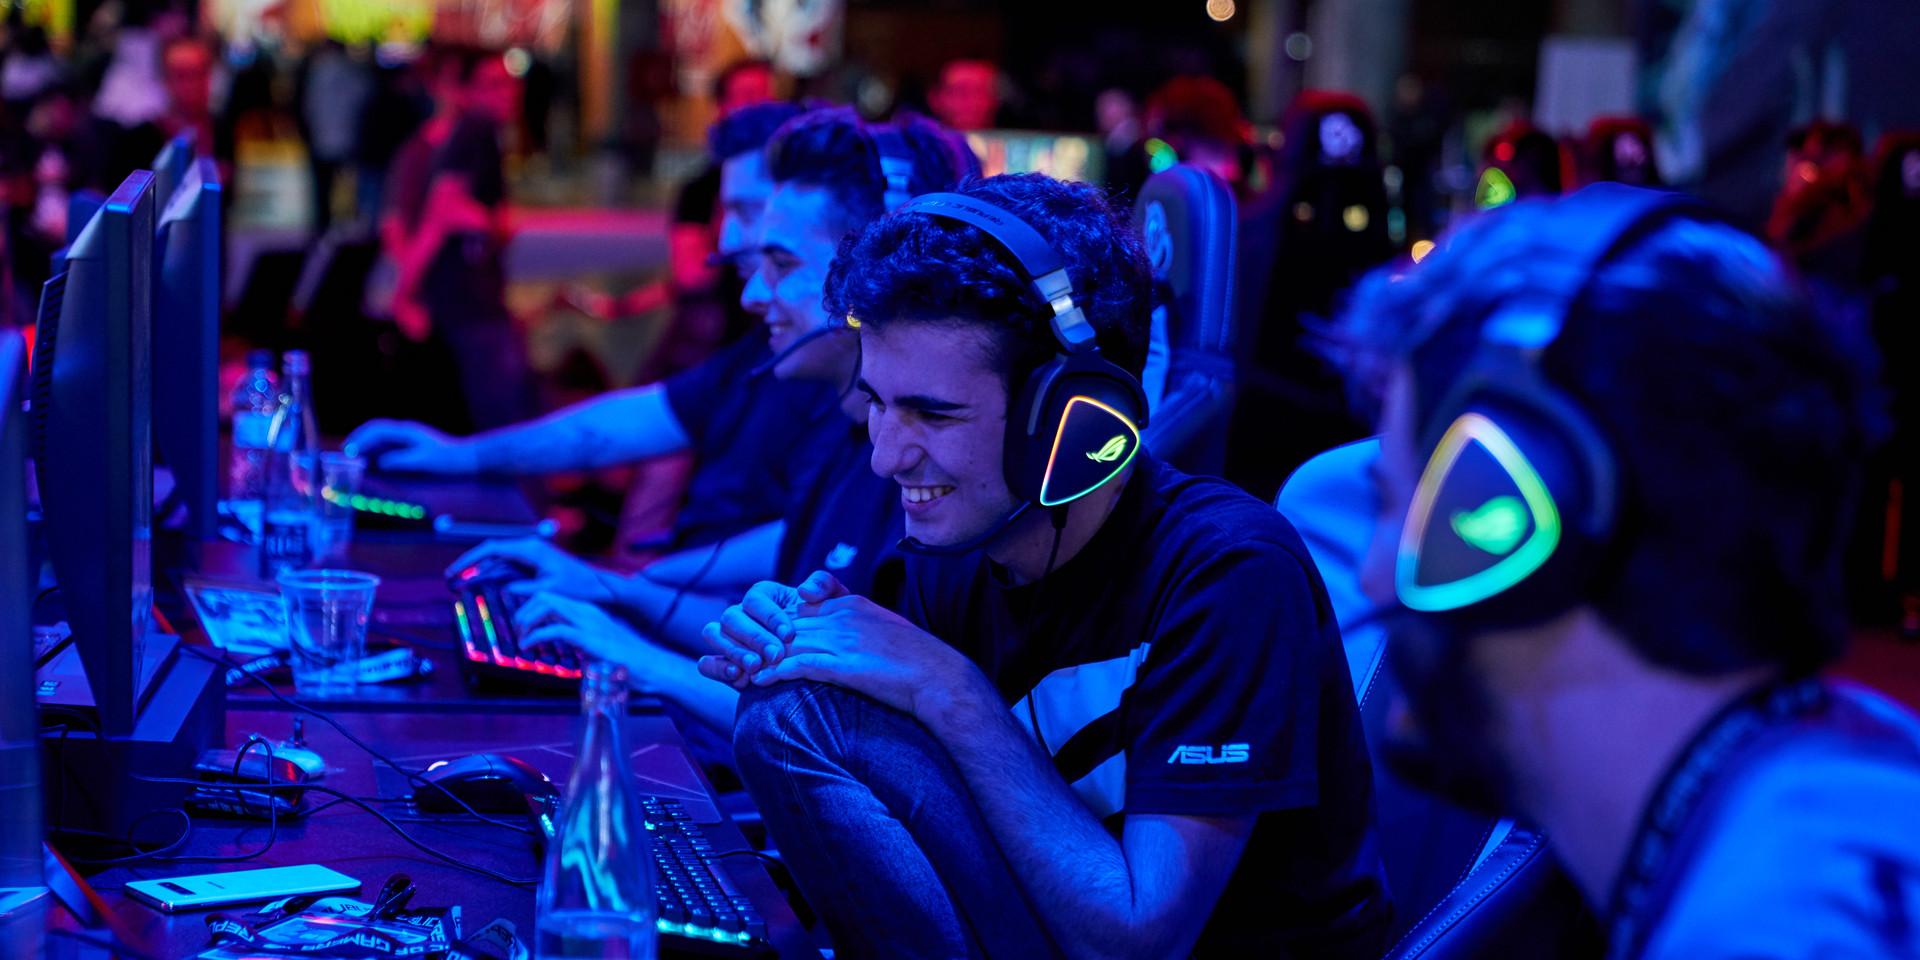 FOTOGRAFÍA  Y VIDEO EVENTO NICEONEBARCELONA N1B REPUBLIC OF GAMERS GAMING EVENT_22